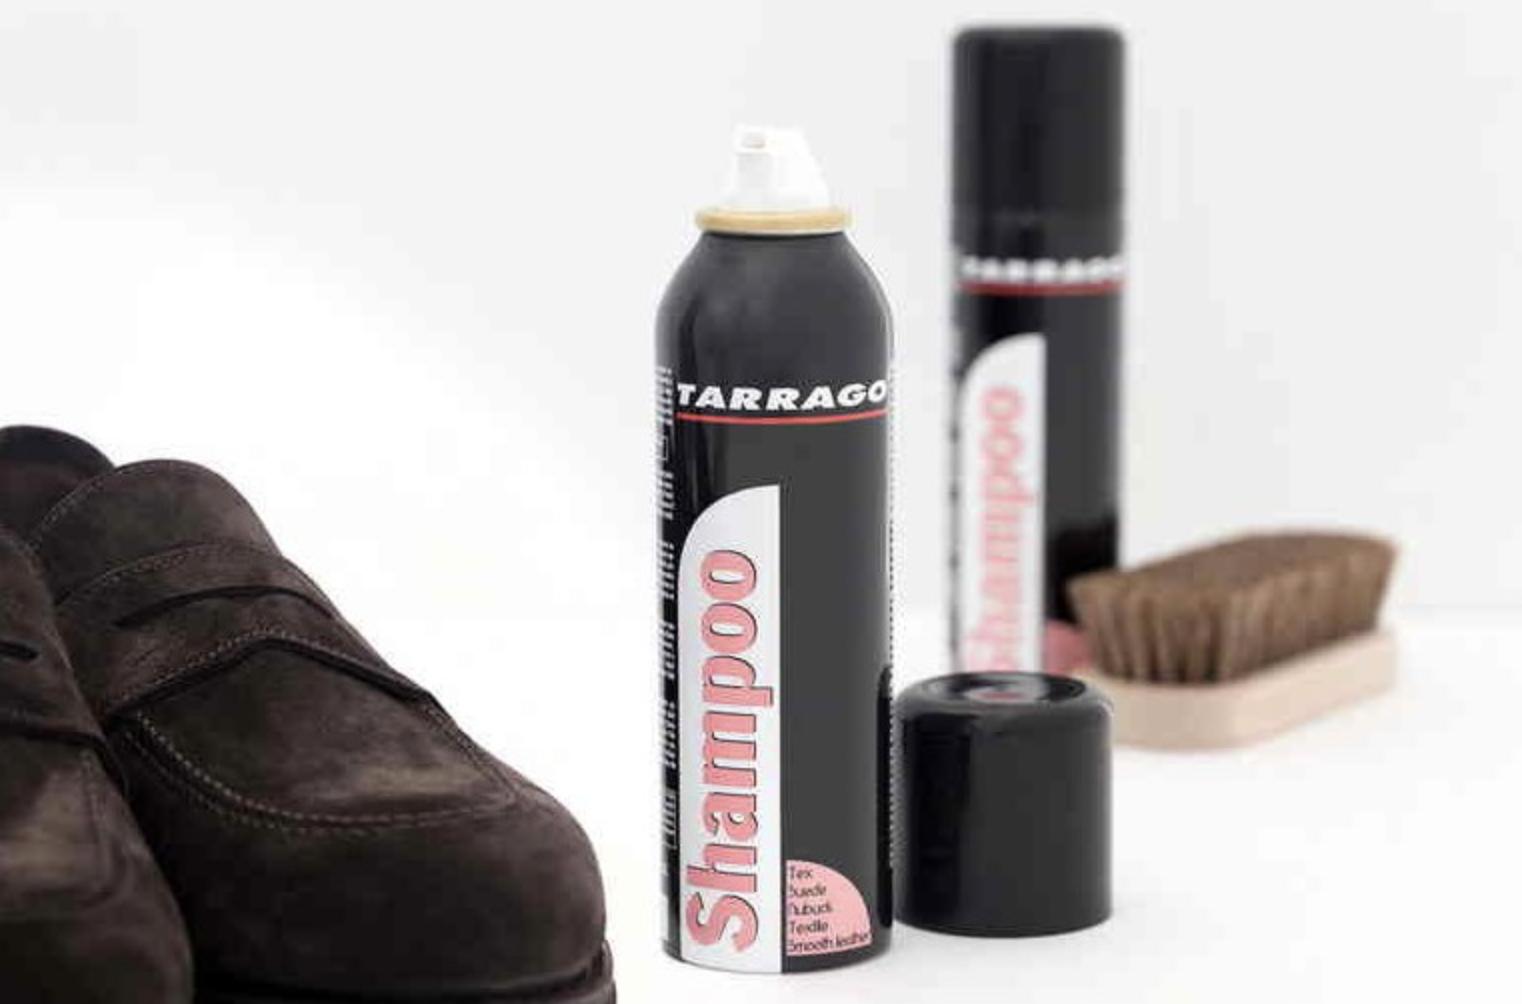 Espuma limpiadora especial para limpiar en seco el calzado y otros artículos de ante, nobuck, textil, microfibra, piel y piel sintética. Proporciona un tacto sedoso y no obstruye la transpiración.á 200 ml.